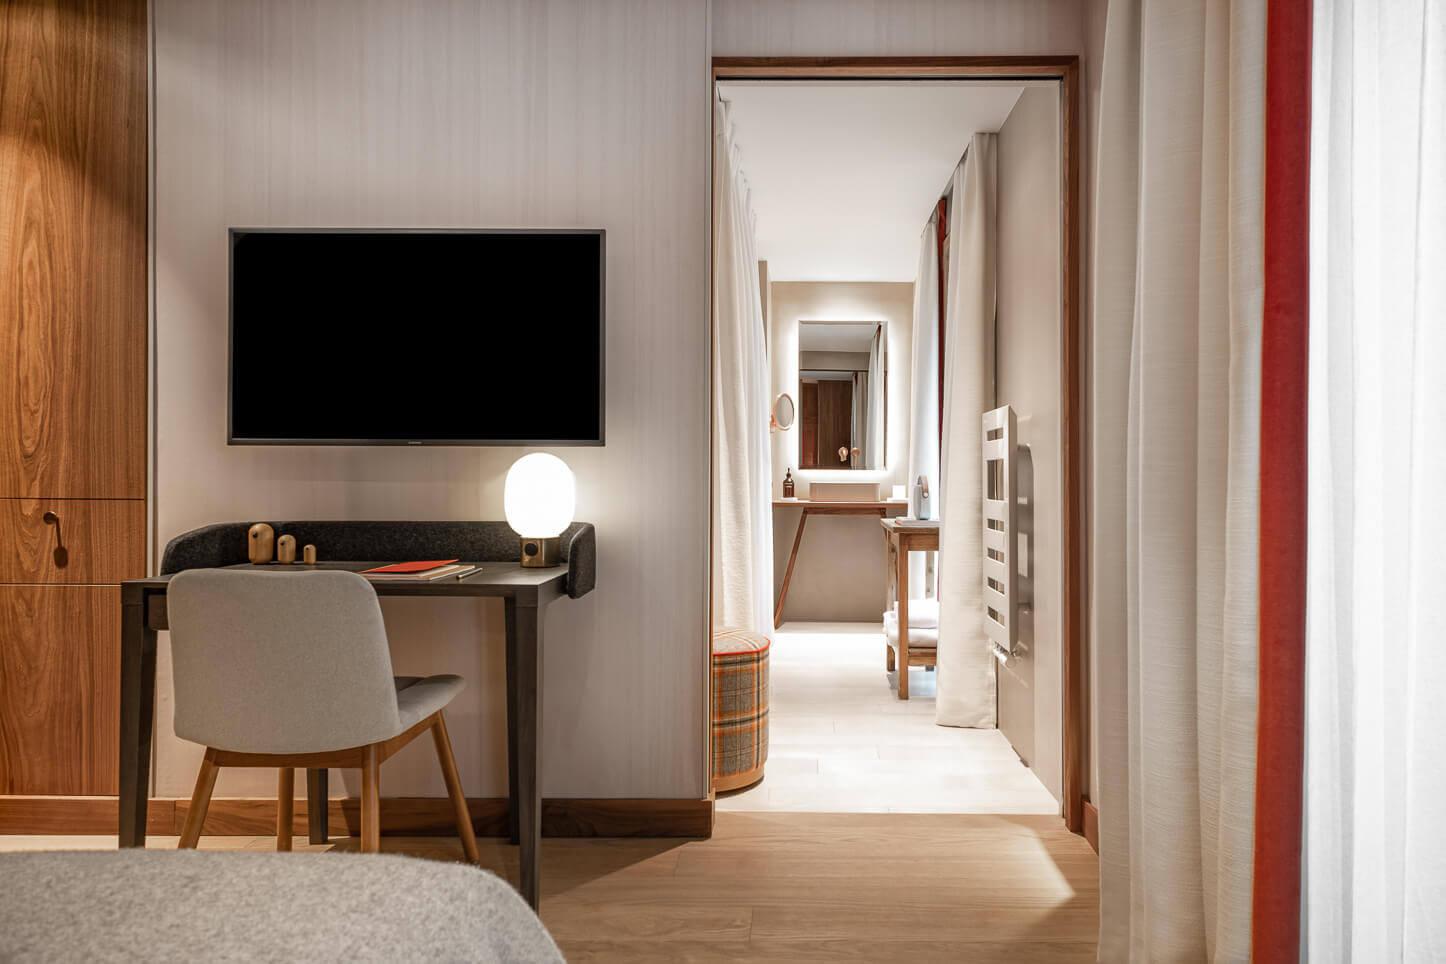 Chambre comfort - harmonies brique, coin bureau et salle de bains